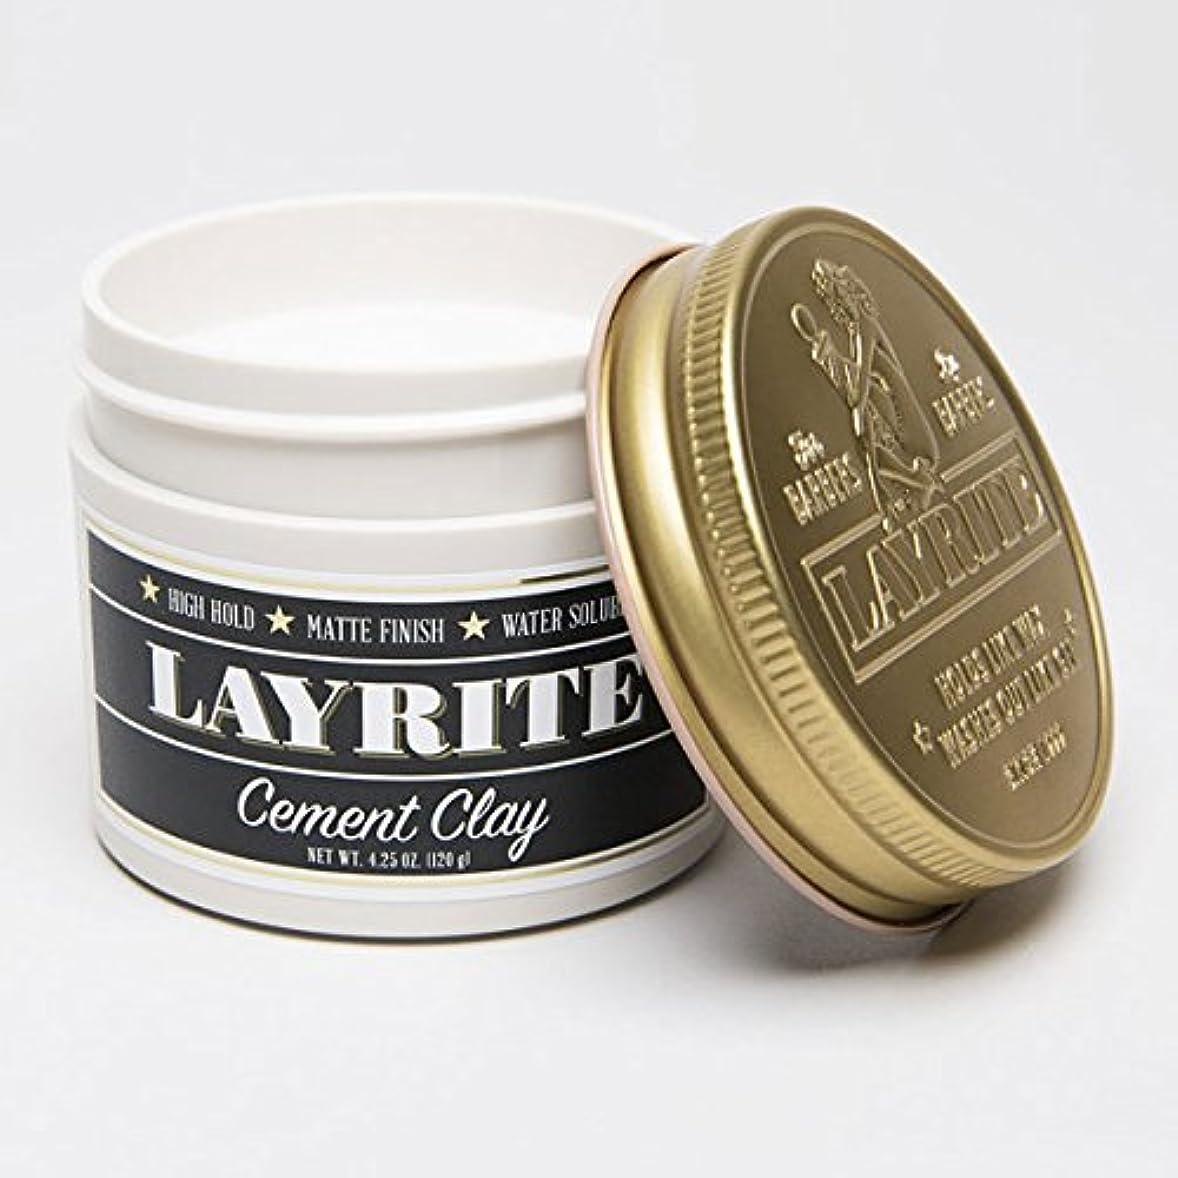 病者平野激怒LAYRITE レイライト 【CEMENT HAIR CLAY Pomade】 水性ポマード セメントホールド 4.25OZ(約120G)